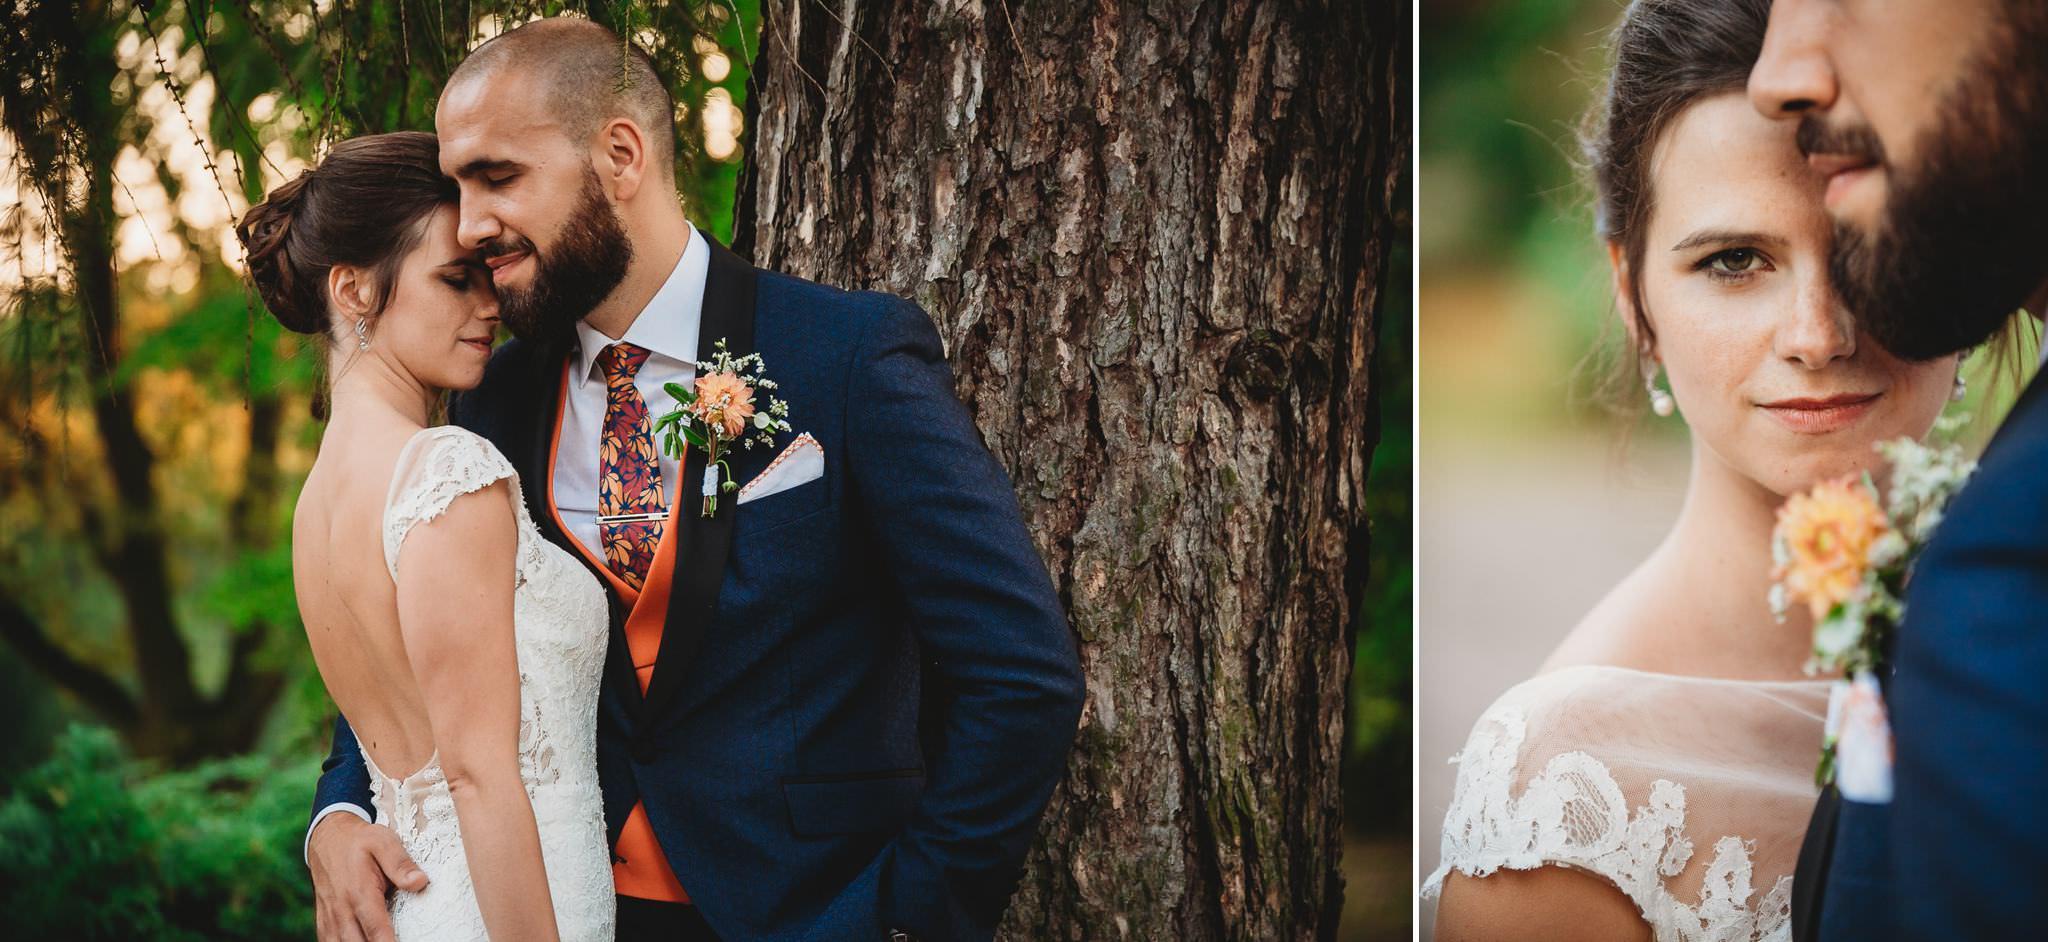 Płacz, łzy, śmiech, szał mieszanka wybuchowych emocji na niezapomnianym ślubie w Jaocinie| fotograf ślubny Konin 378